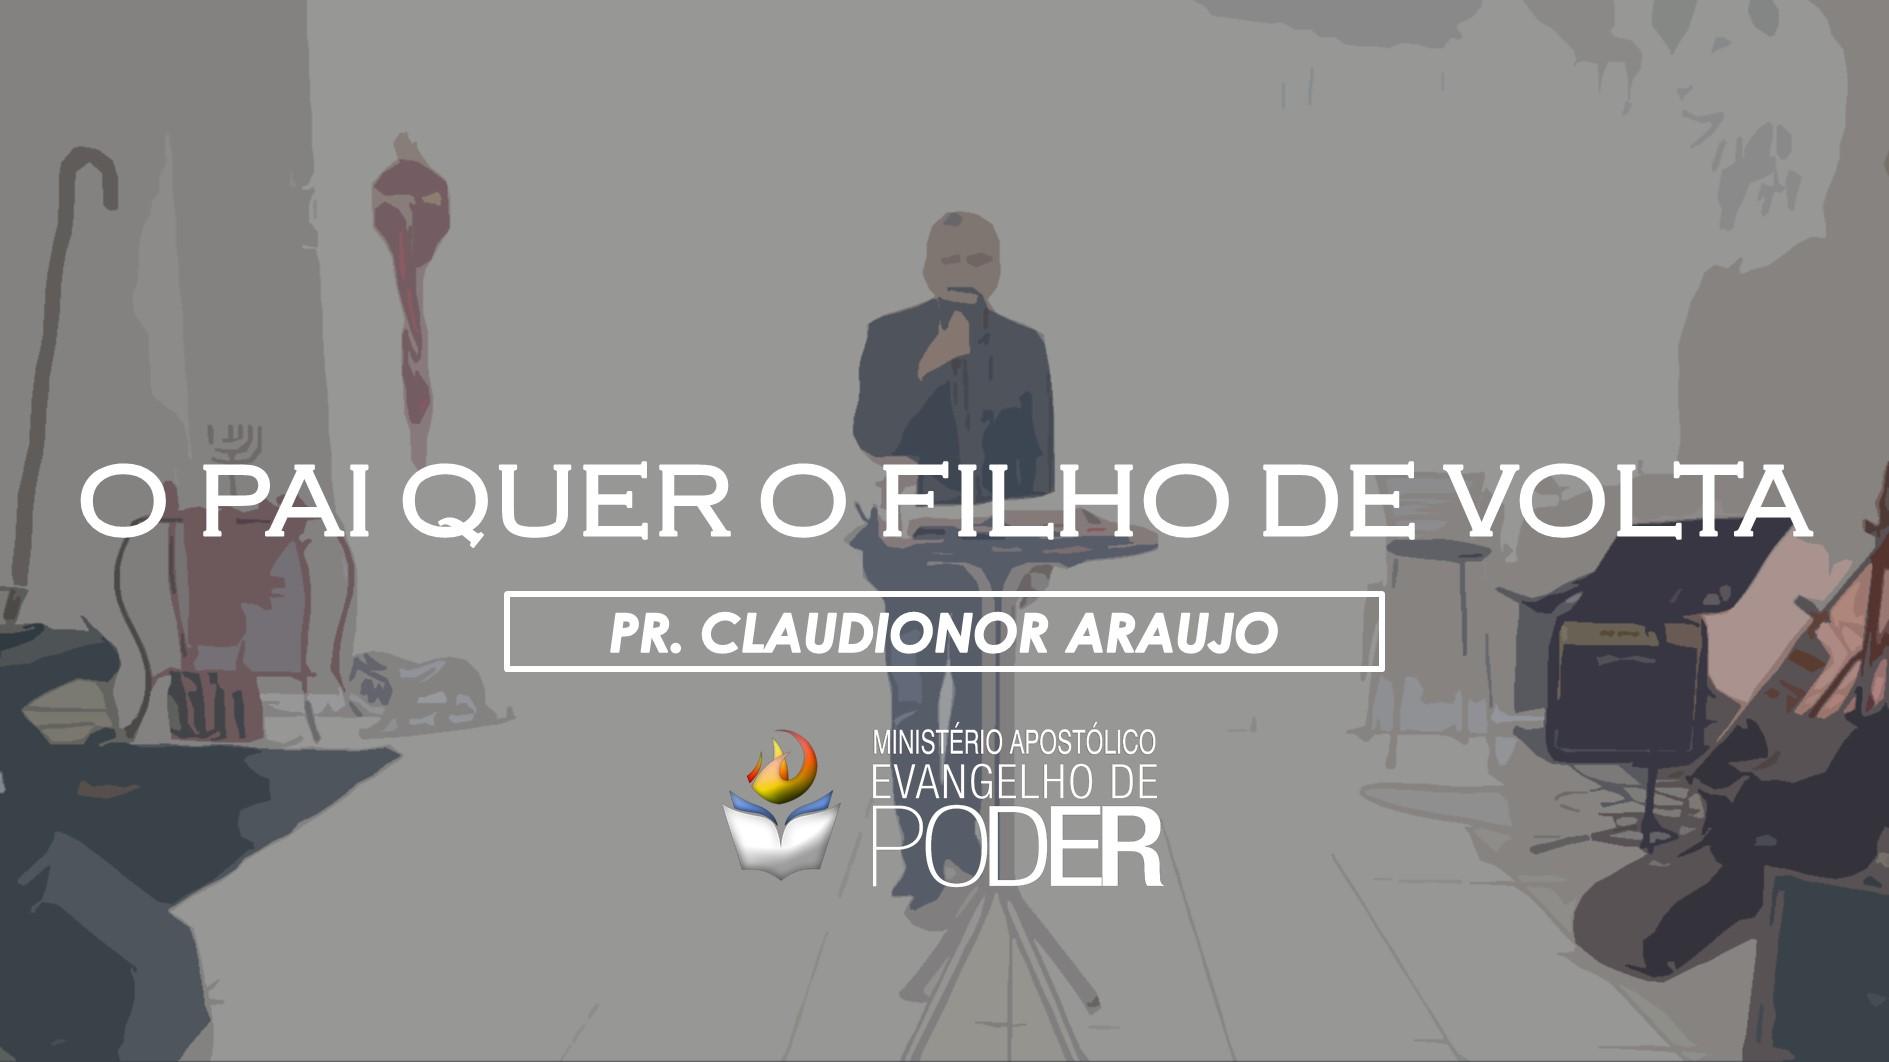 O PAI QUER O FILHO DE VOLTA - PR. CLAUDIONOR ARAUJO